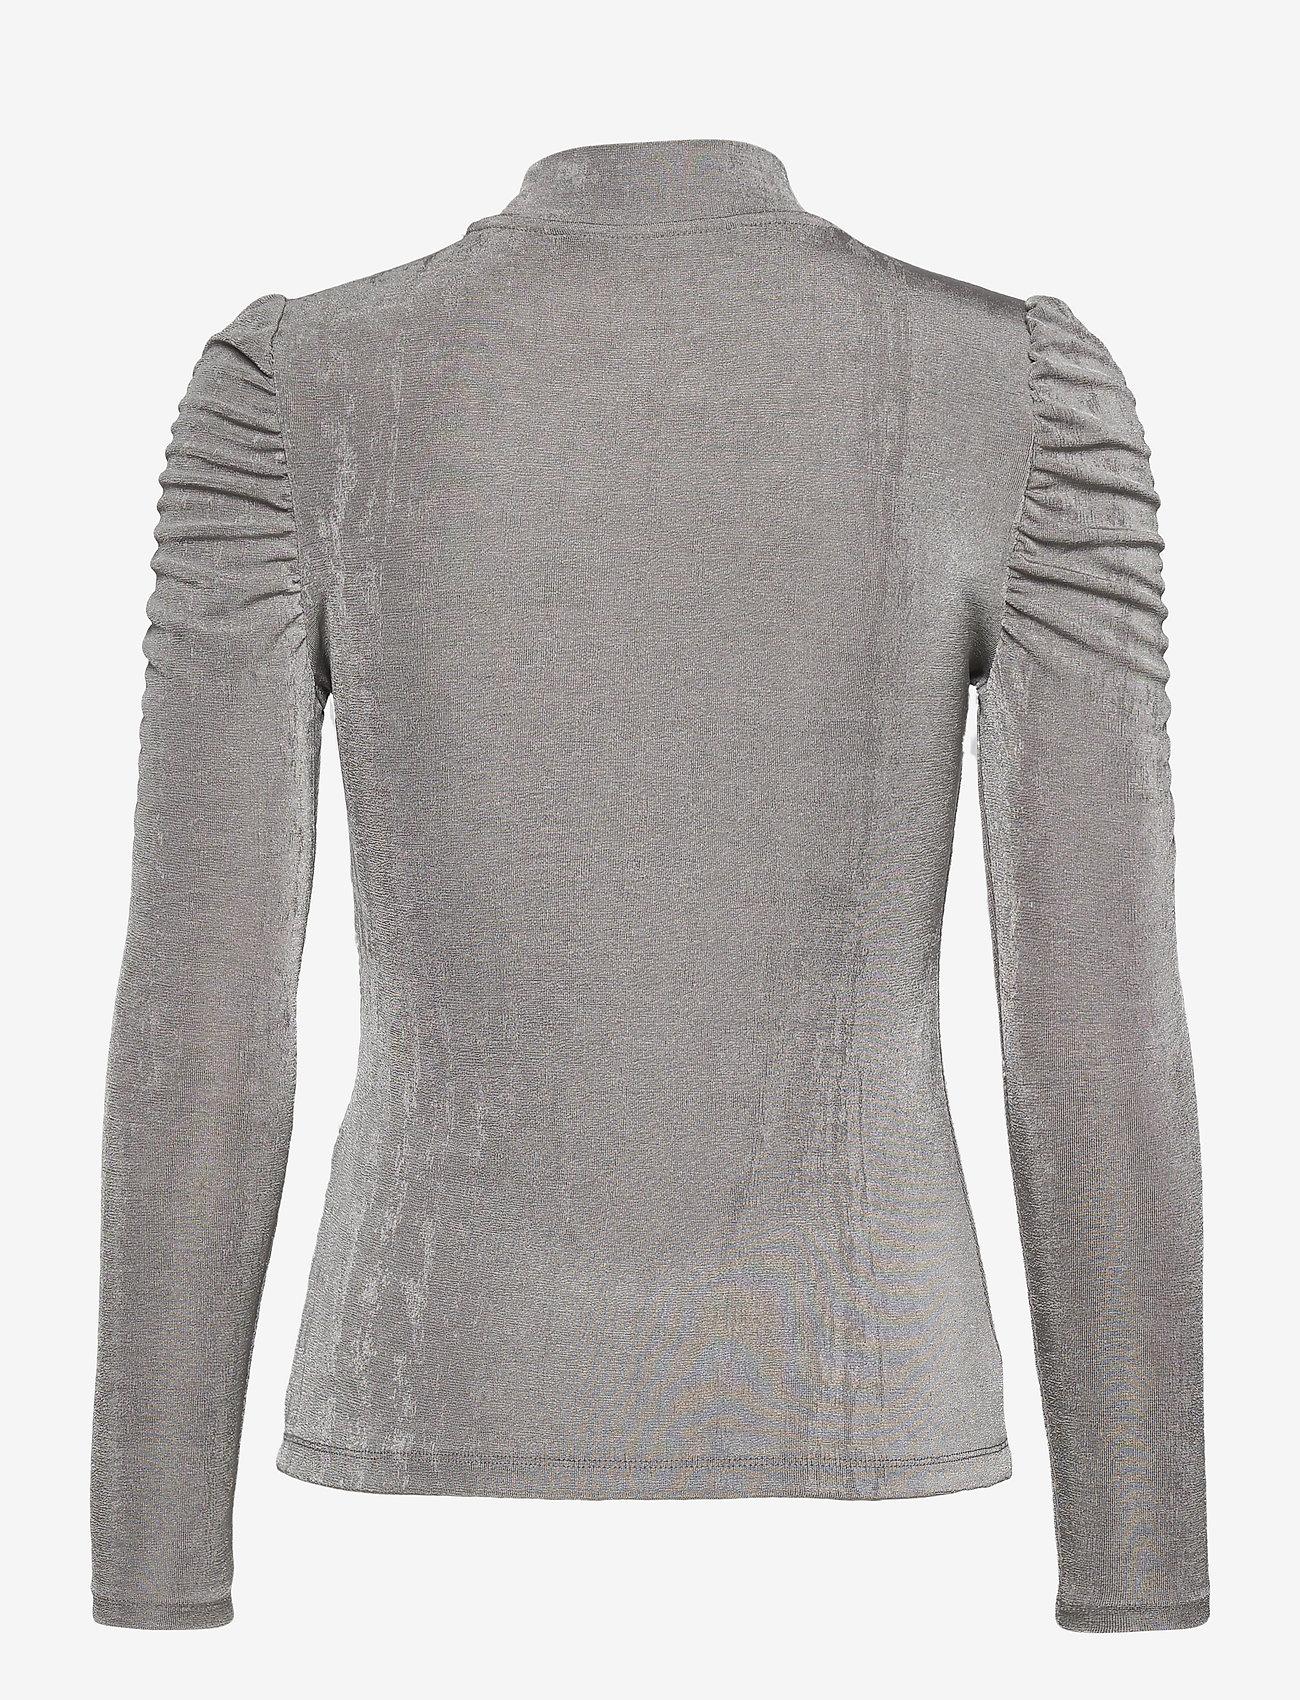 Vero Moda - VMAMIRA LS BLOUSE GA VO - långärmade toppar - frost gray - 1